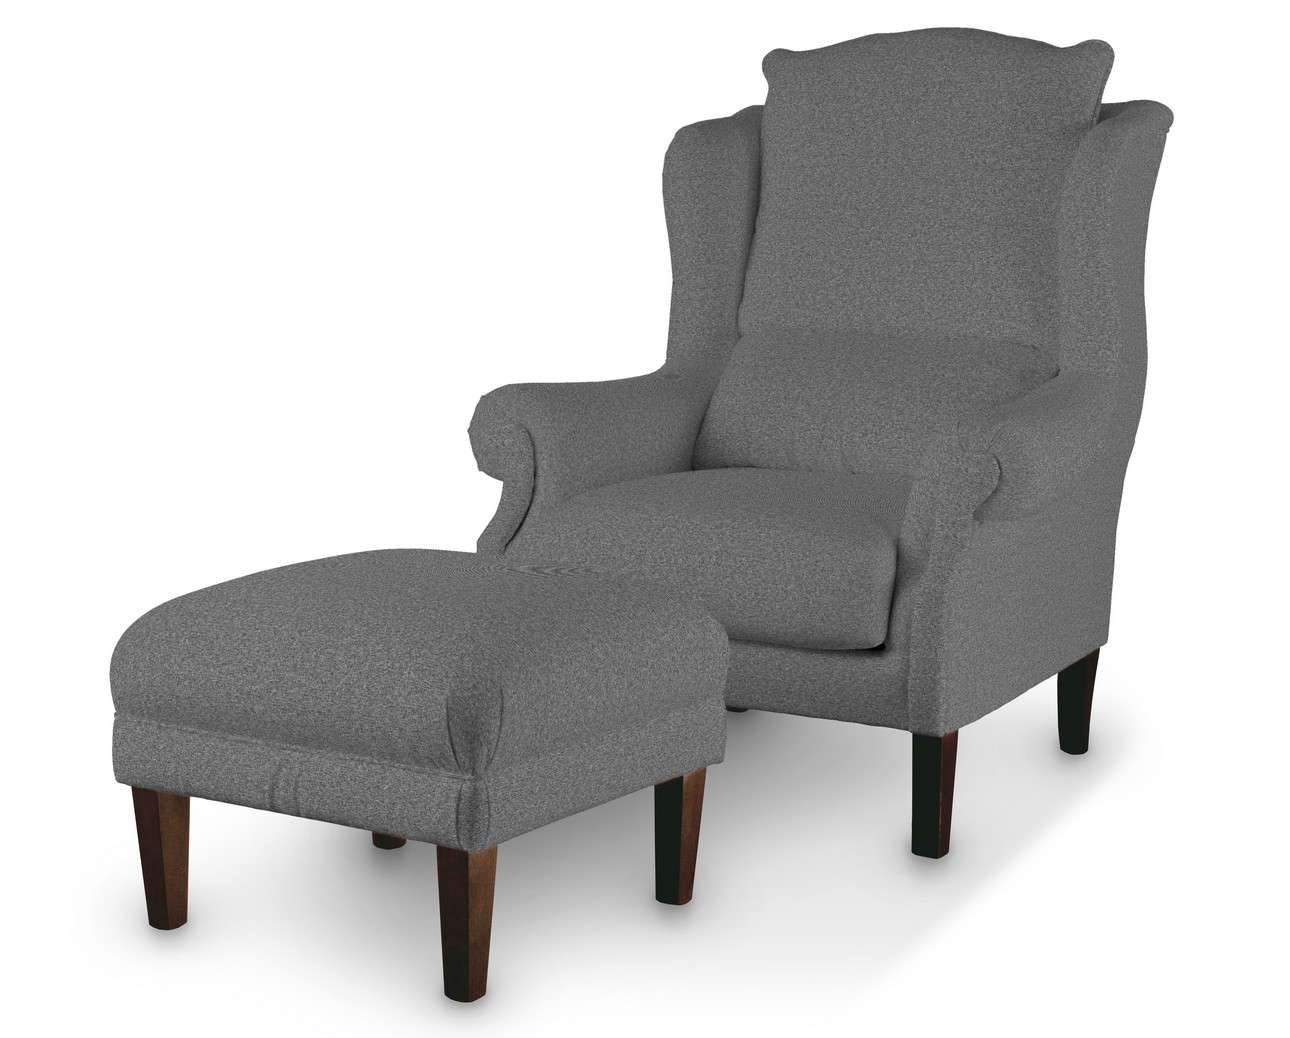 Podnóżek do fotela w kolekcji Amsterdam, tkanina: 704-47